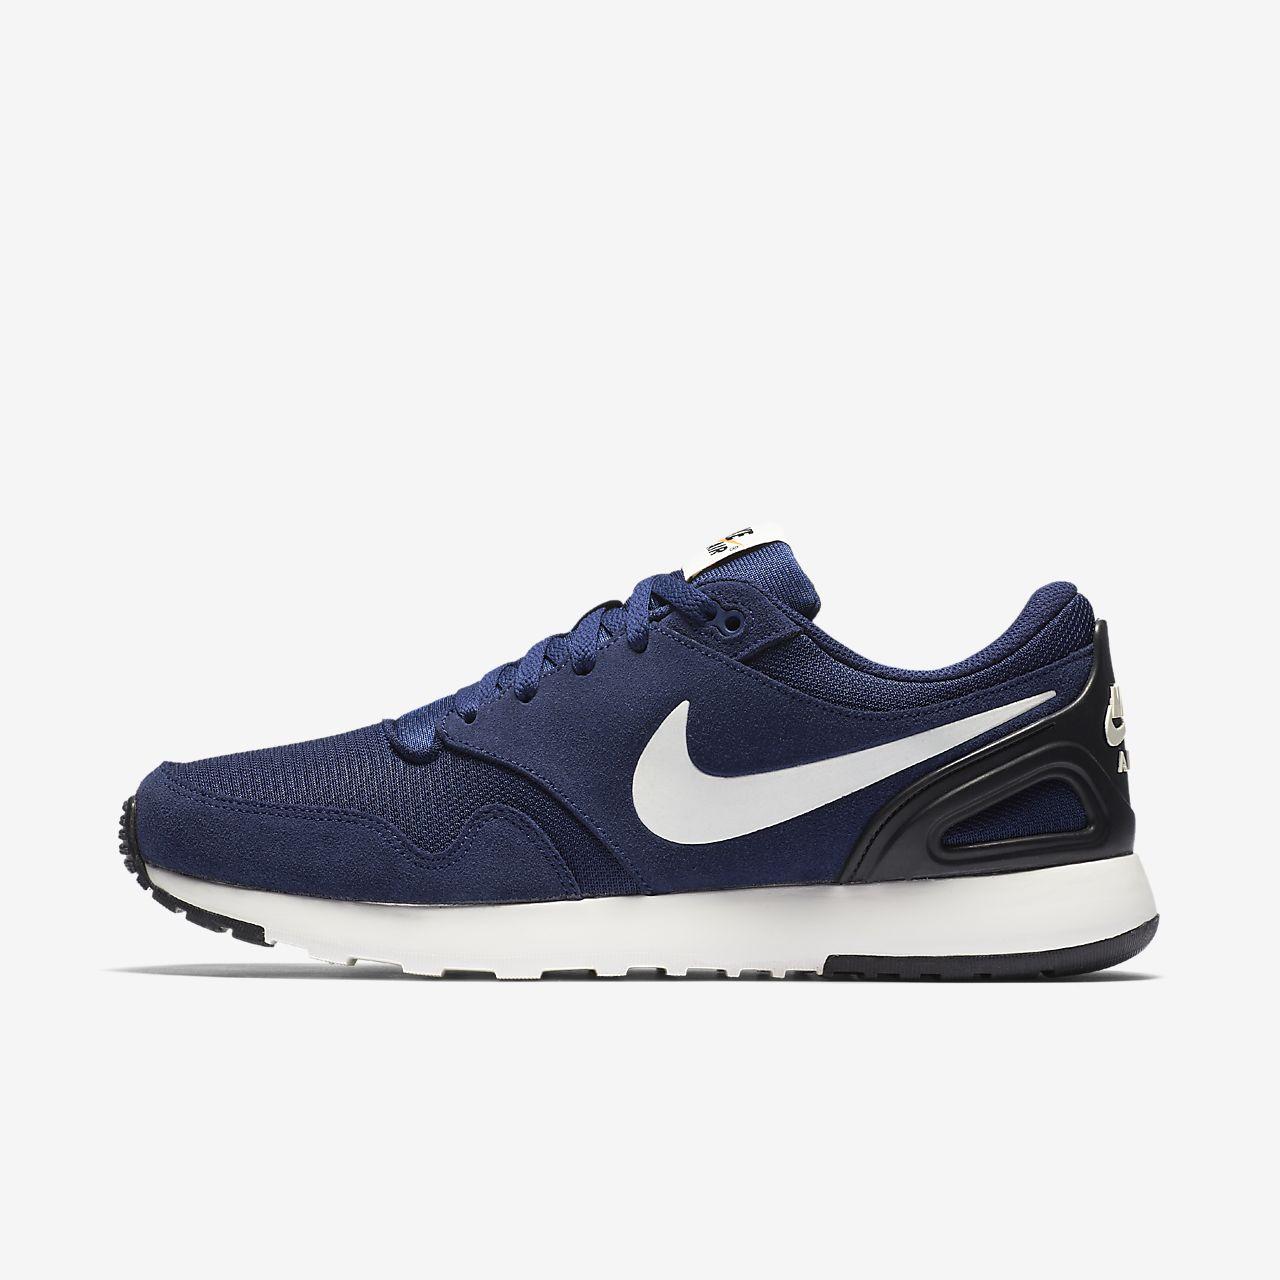 6d5392774e7 Nike Air Vibenna Men s Shoe. Nike.com ZA